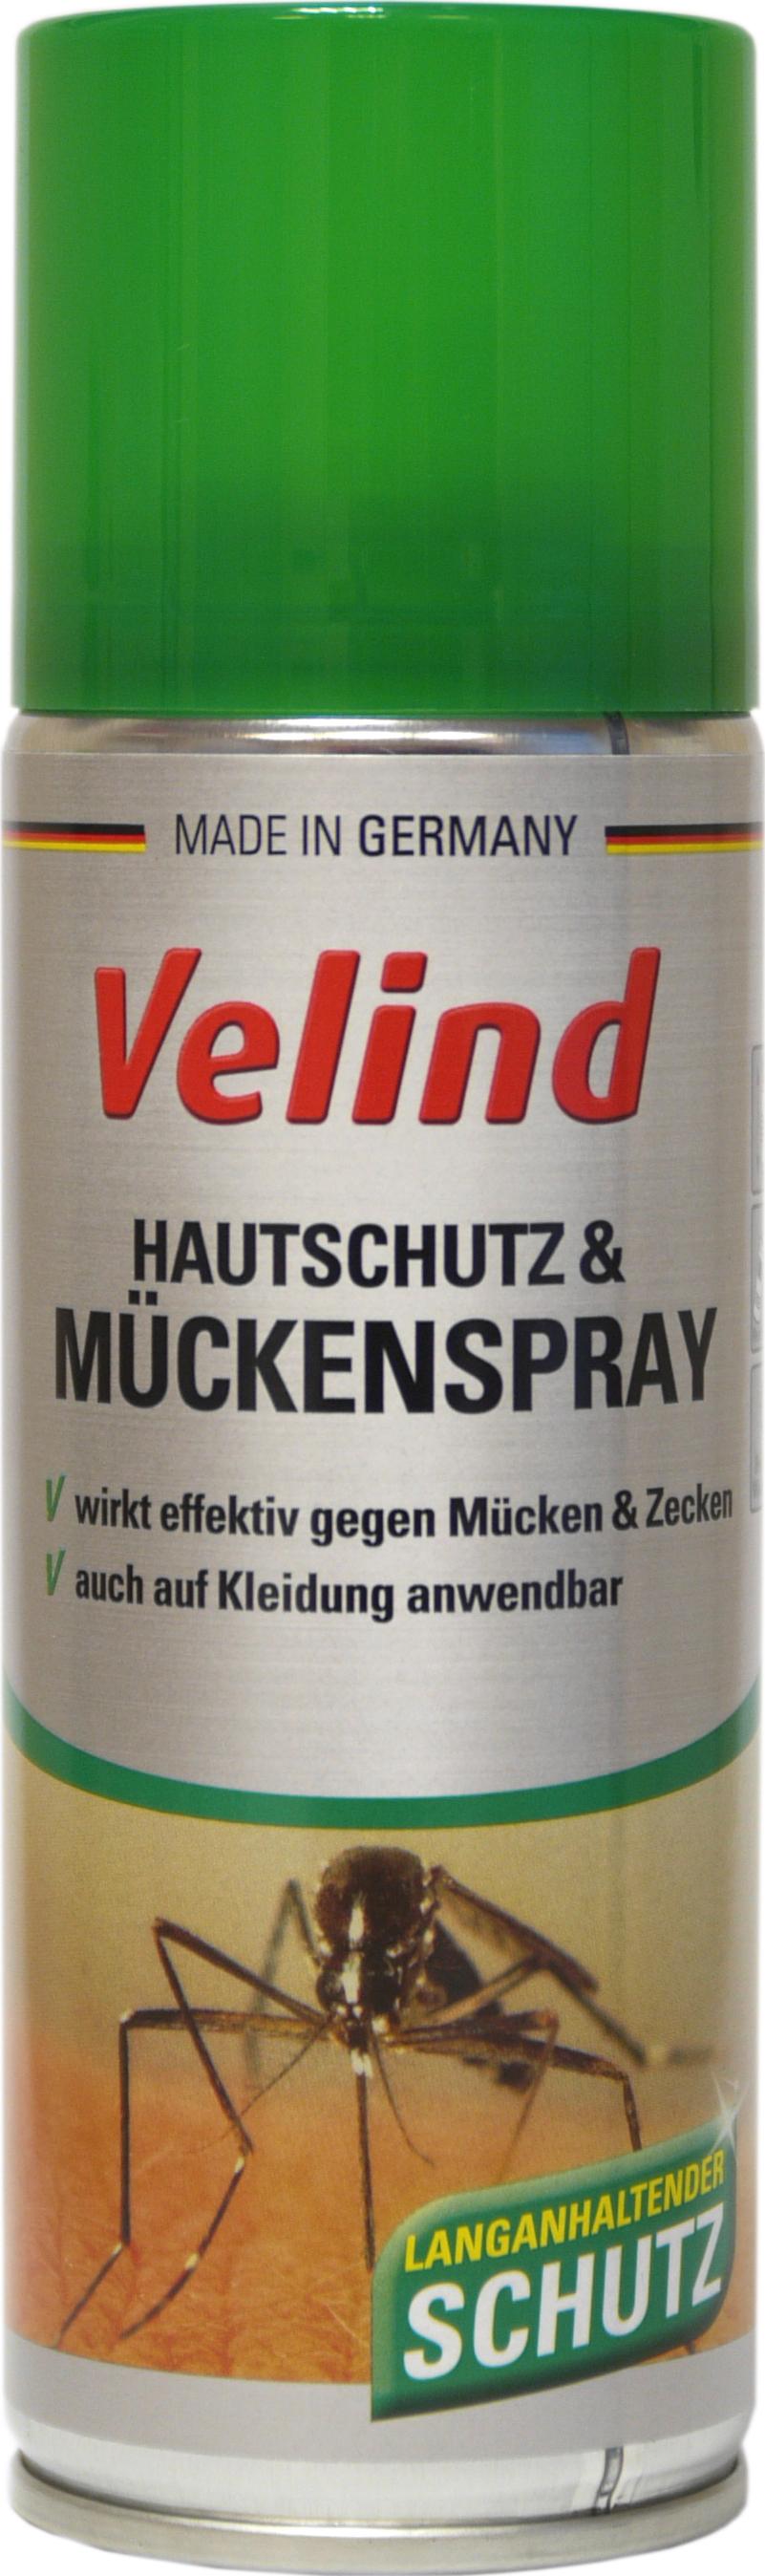 02190 - Hautschutz & Mückenspray 200 ml